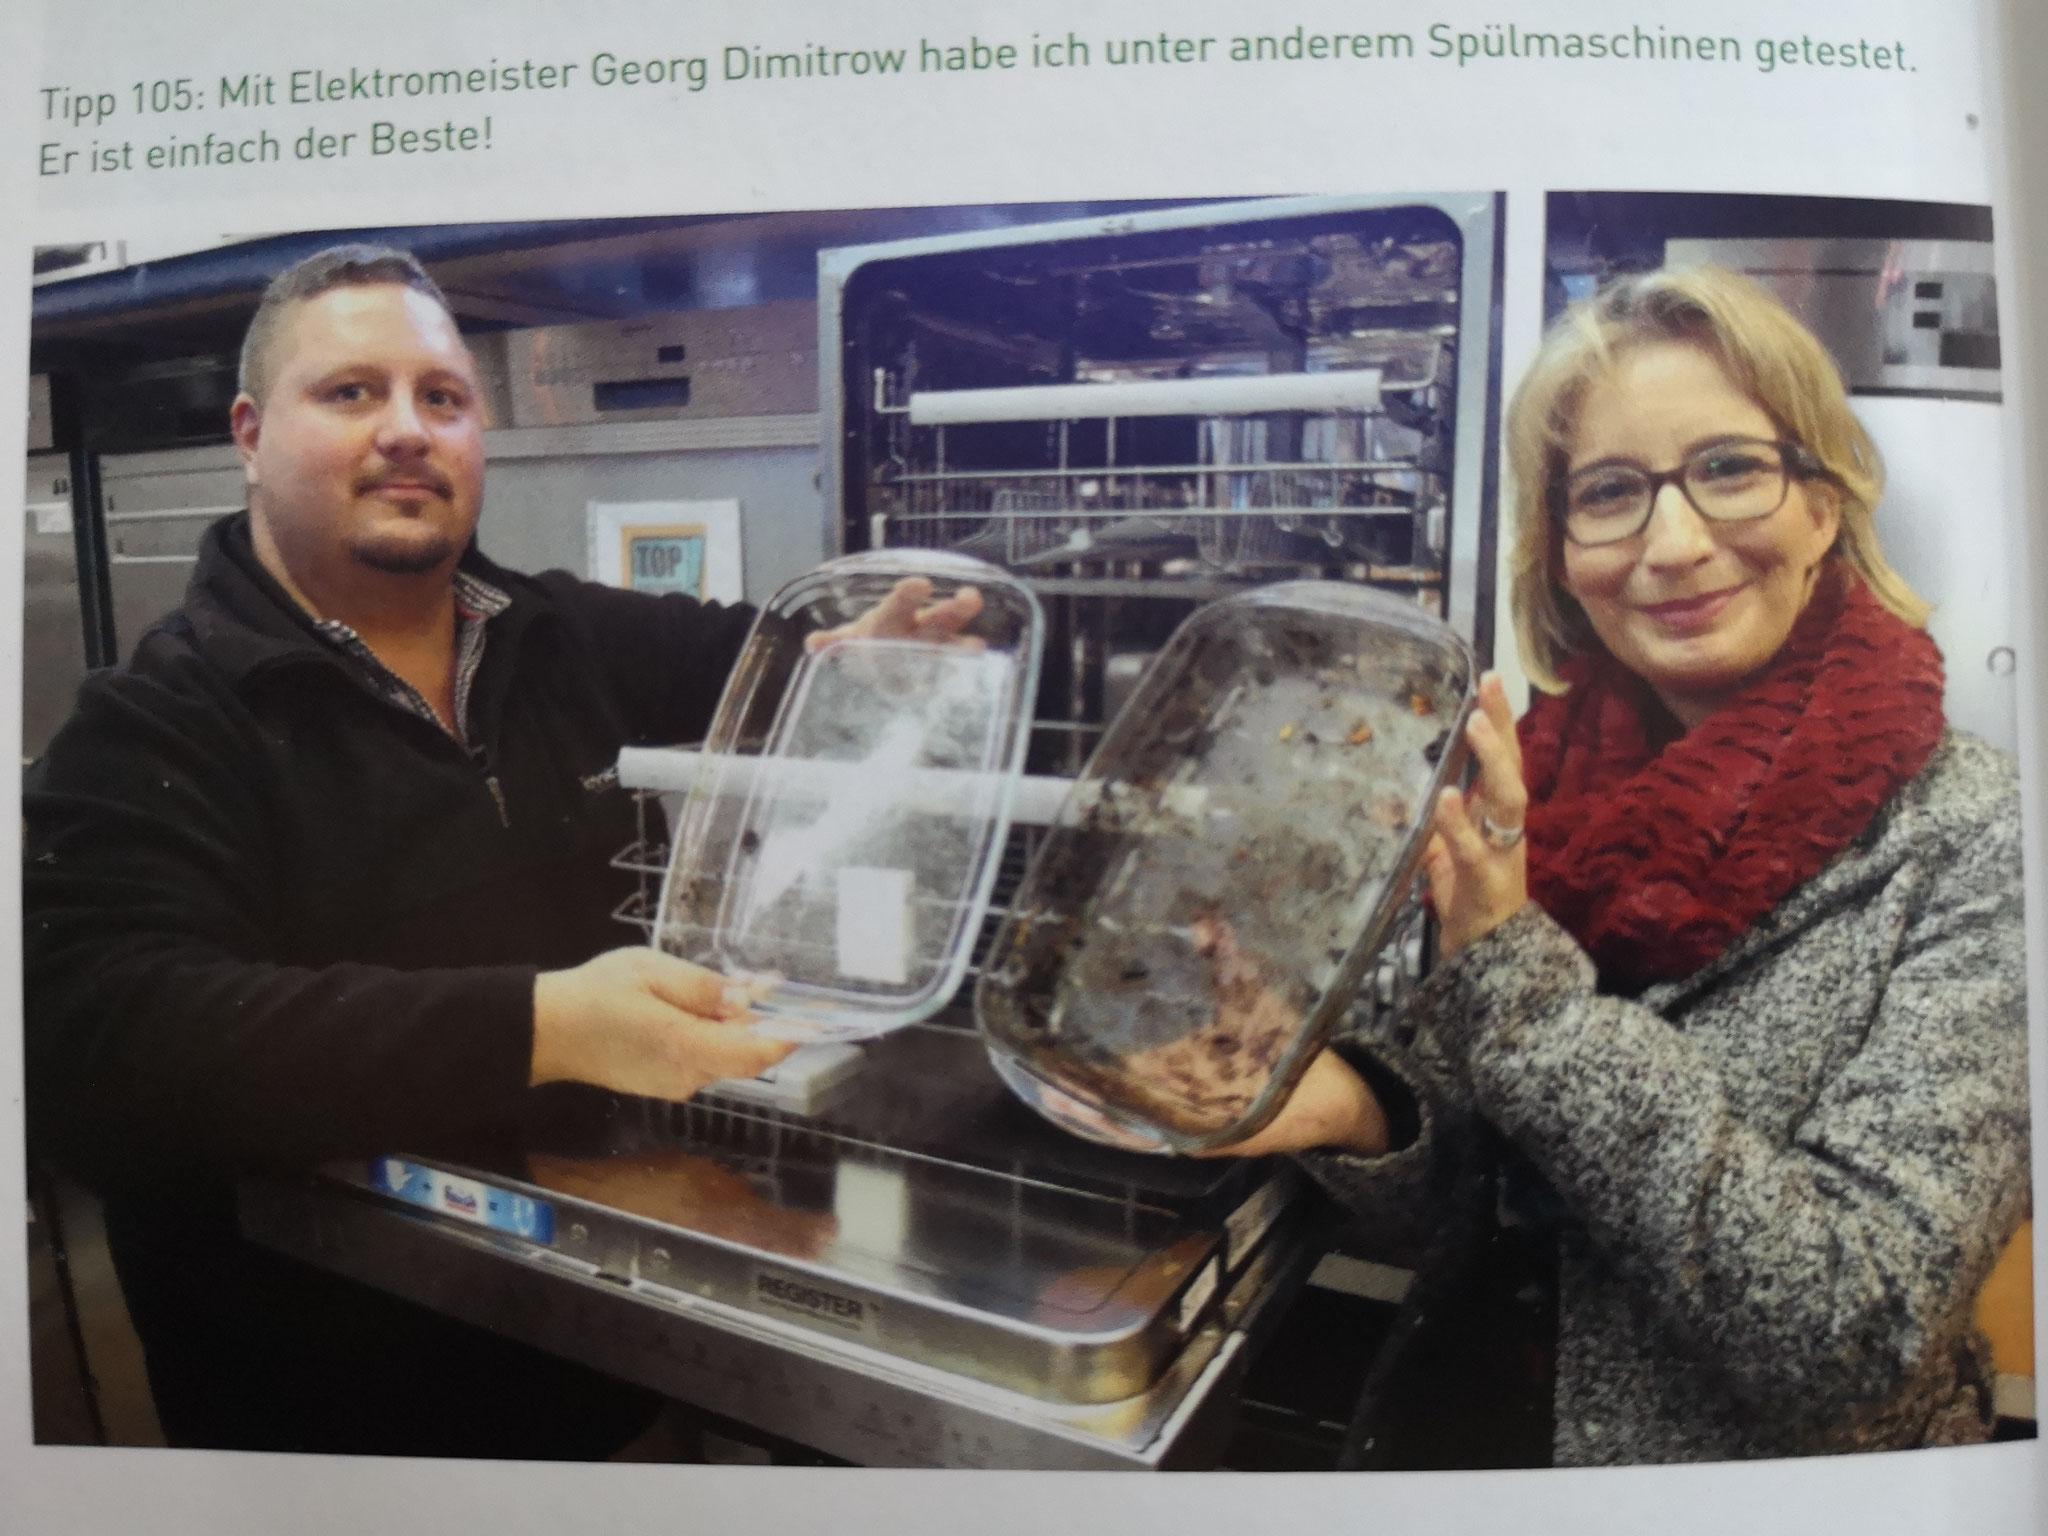 Yvonne Willicks und Georg Dimitrow Spülmaschinen Test